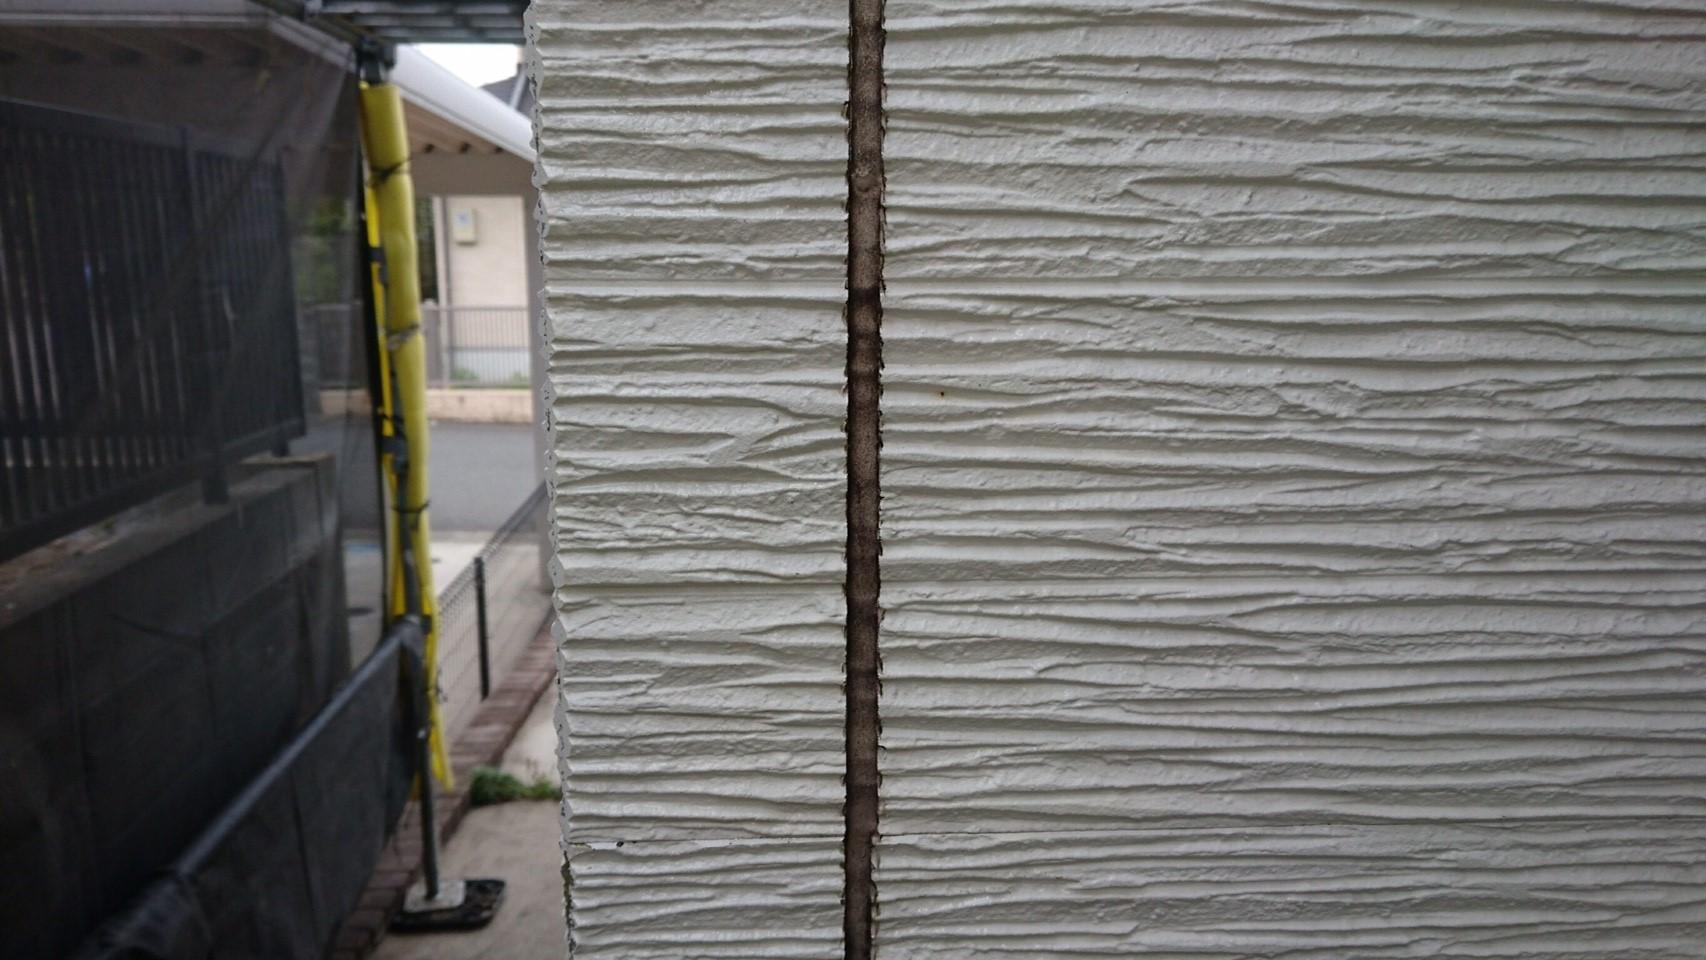 外壁塗装 シーリング材 ブリード現象 無料外壁診断 スターペイント 和白店 福岡